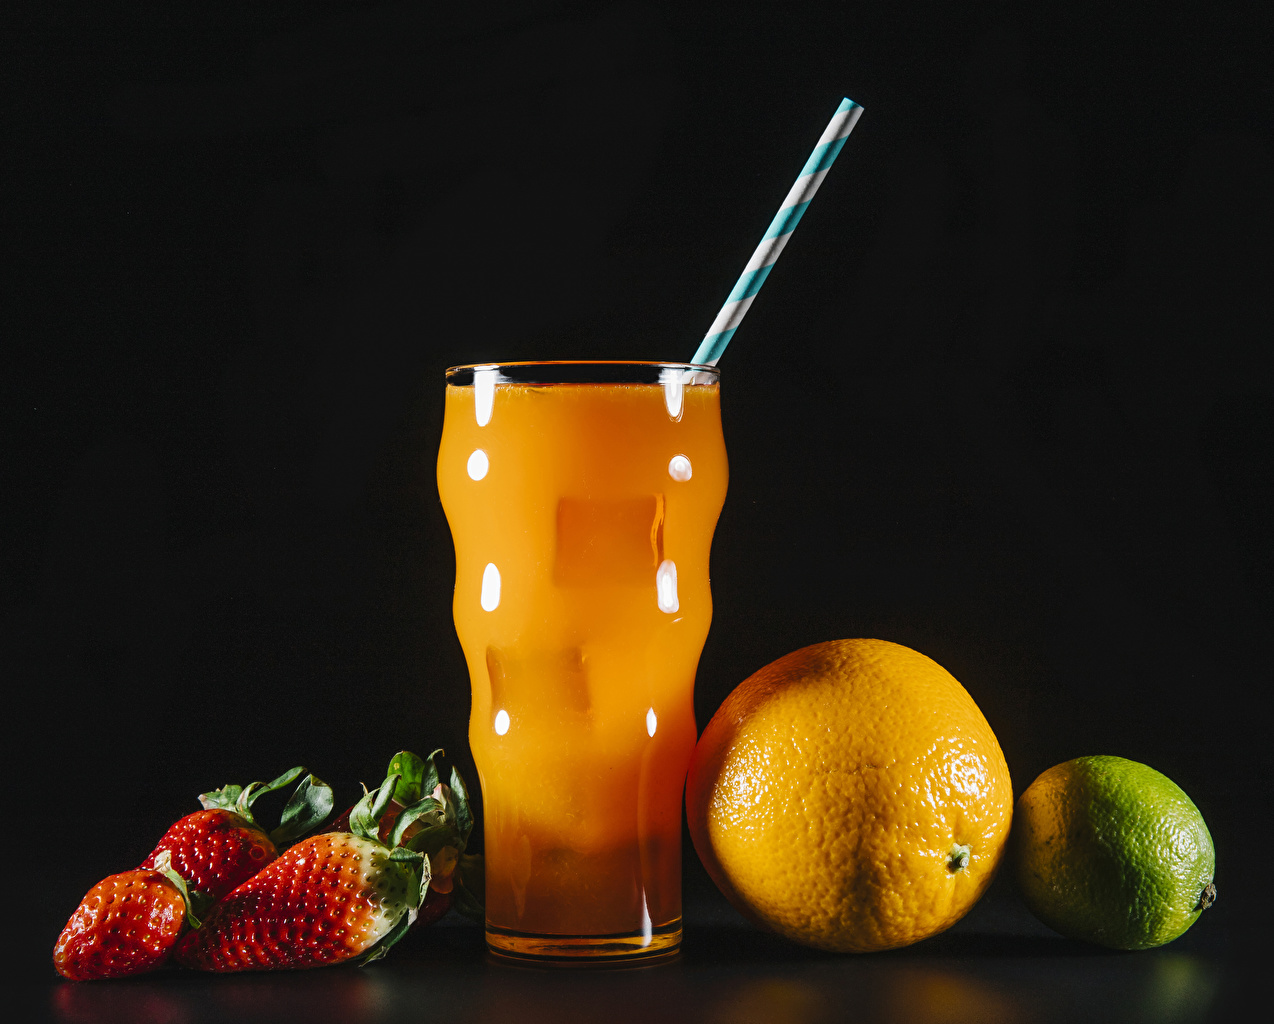 Фотографии Сок Лайм Апельсин стакана Клубника Продукты питания Черный фон Стакан стакане Еда Пища